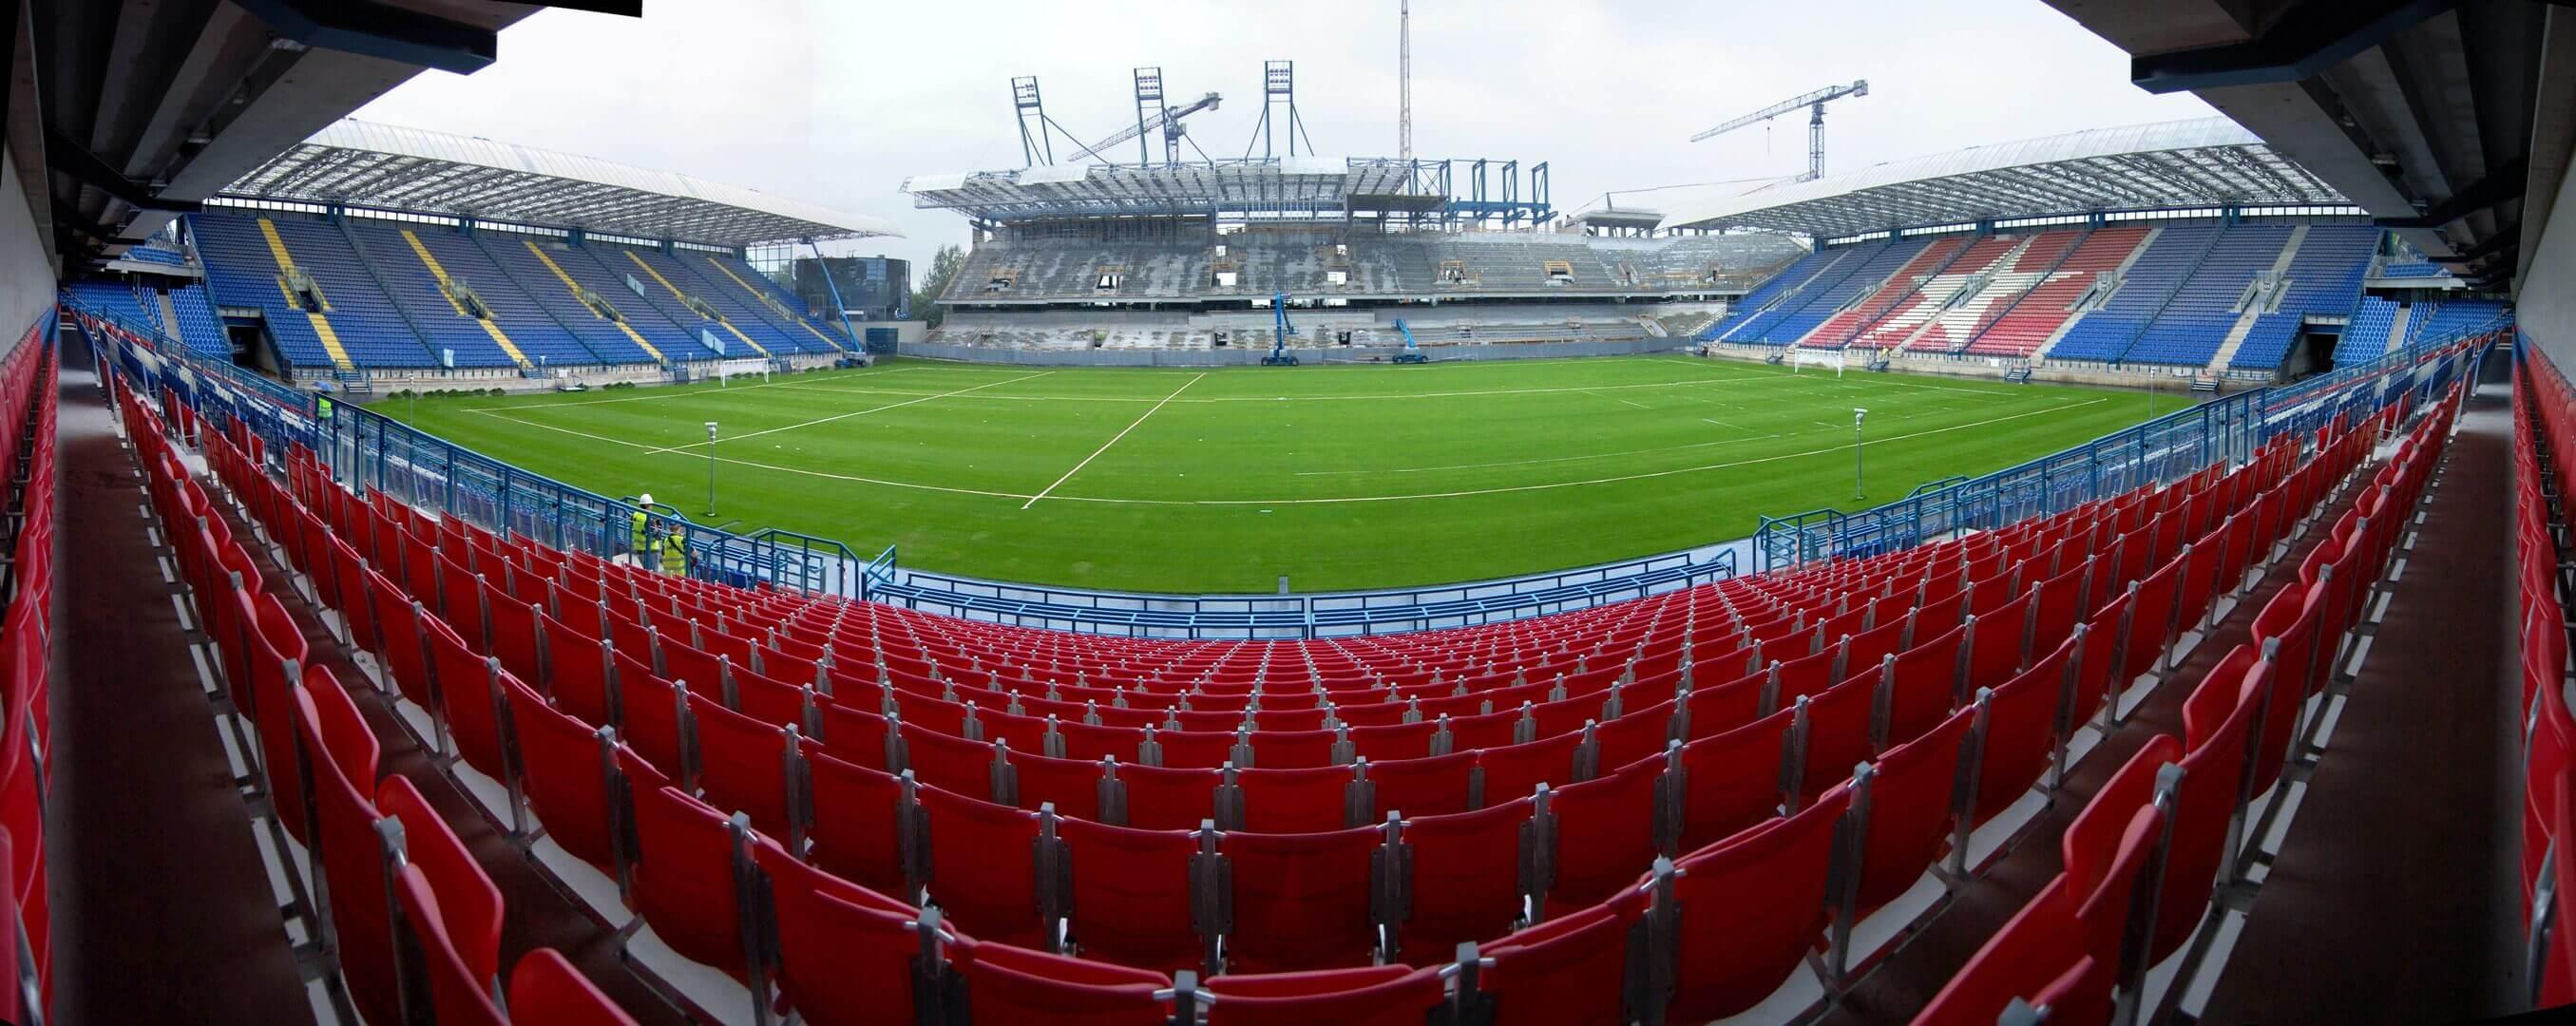 Stadion Wisła Kraków Trybuna